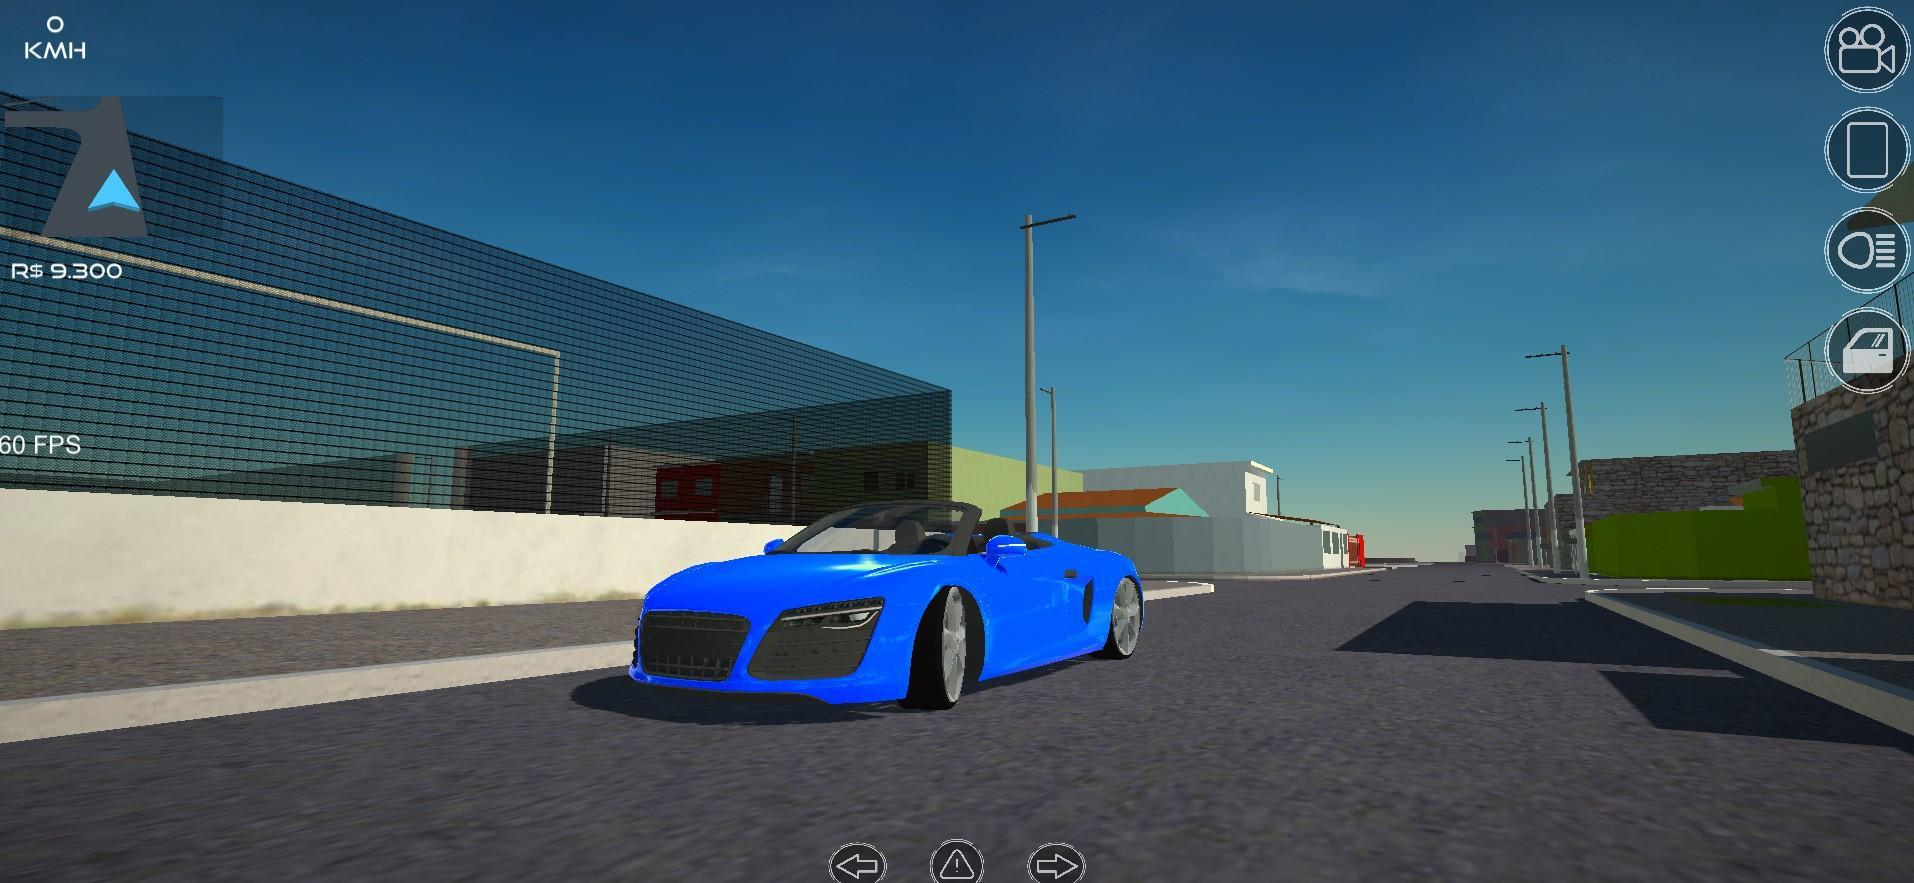 遨游荷兰汽车模拟2